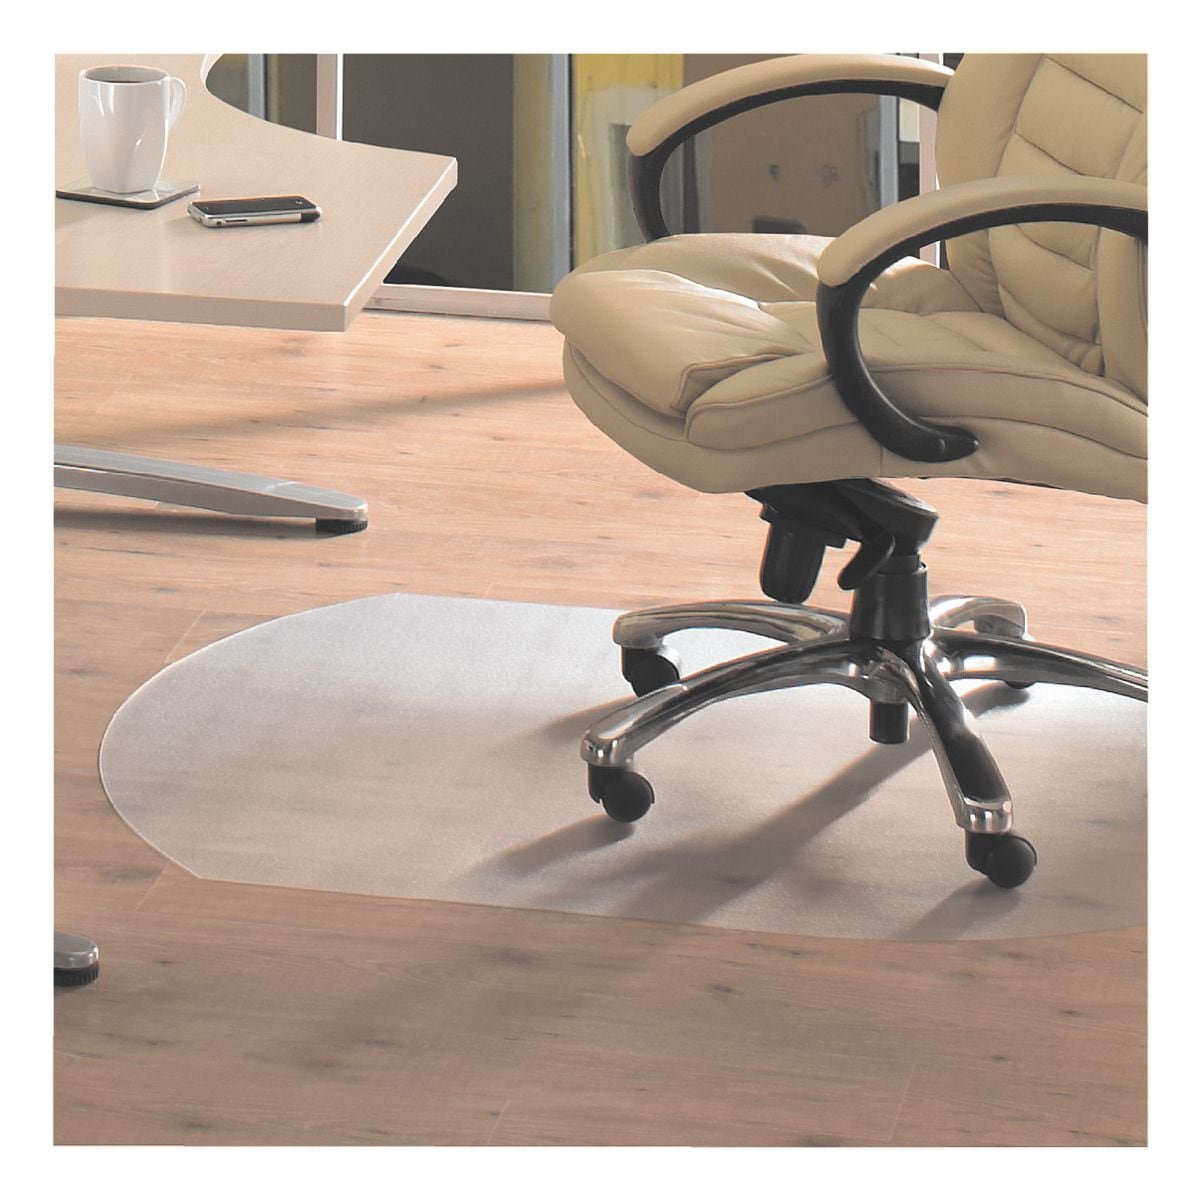 bodenschutzmatte f r hartb den vinyl sonderform t 99 x 125 cm floortex bei otto office. Black Bedroom Furniture Sets. Home Design Ideas